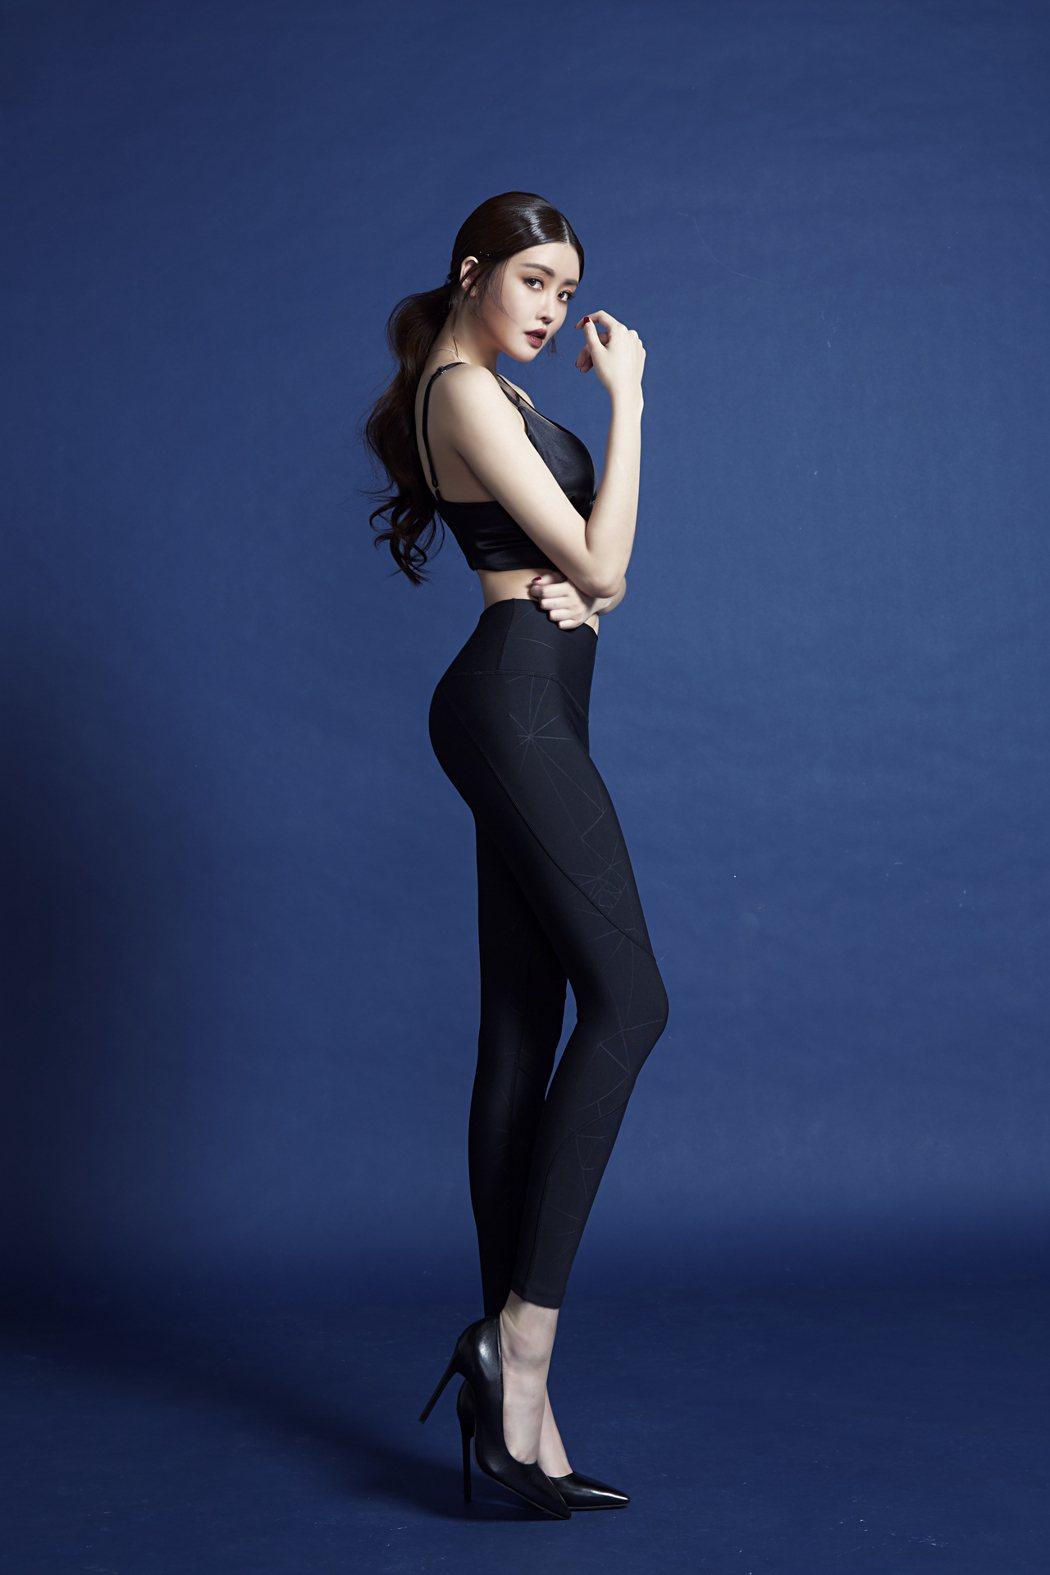 賴琳恩拍攝貼身褲宣傳照,展現甜美和帥氣的性感。圖/伊林提供